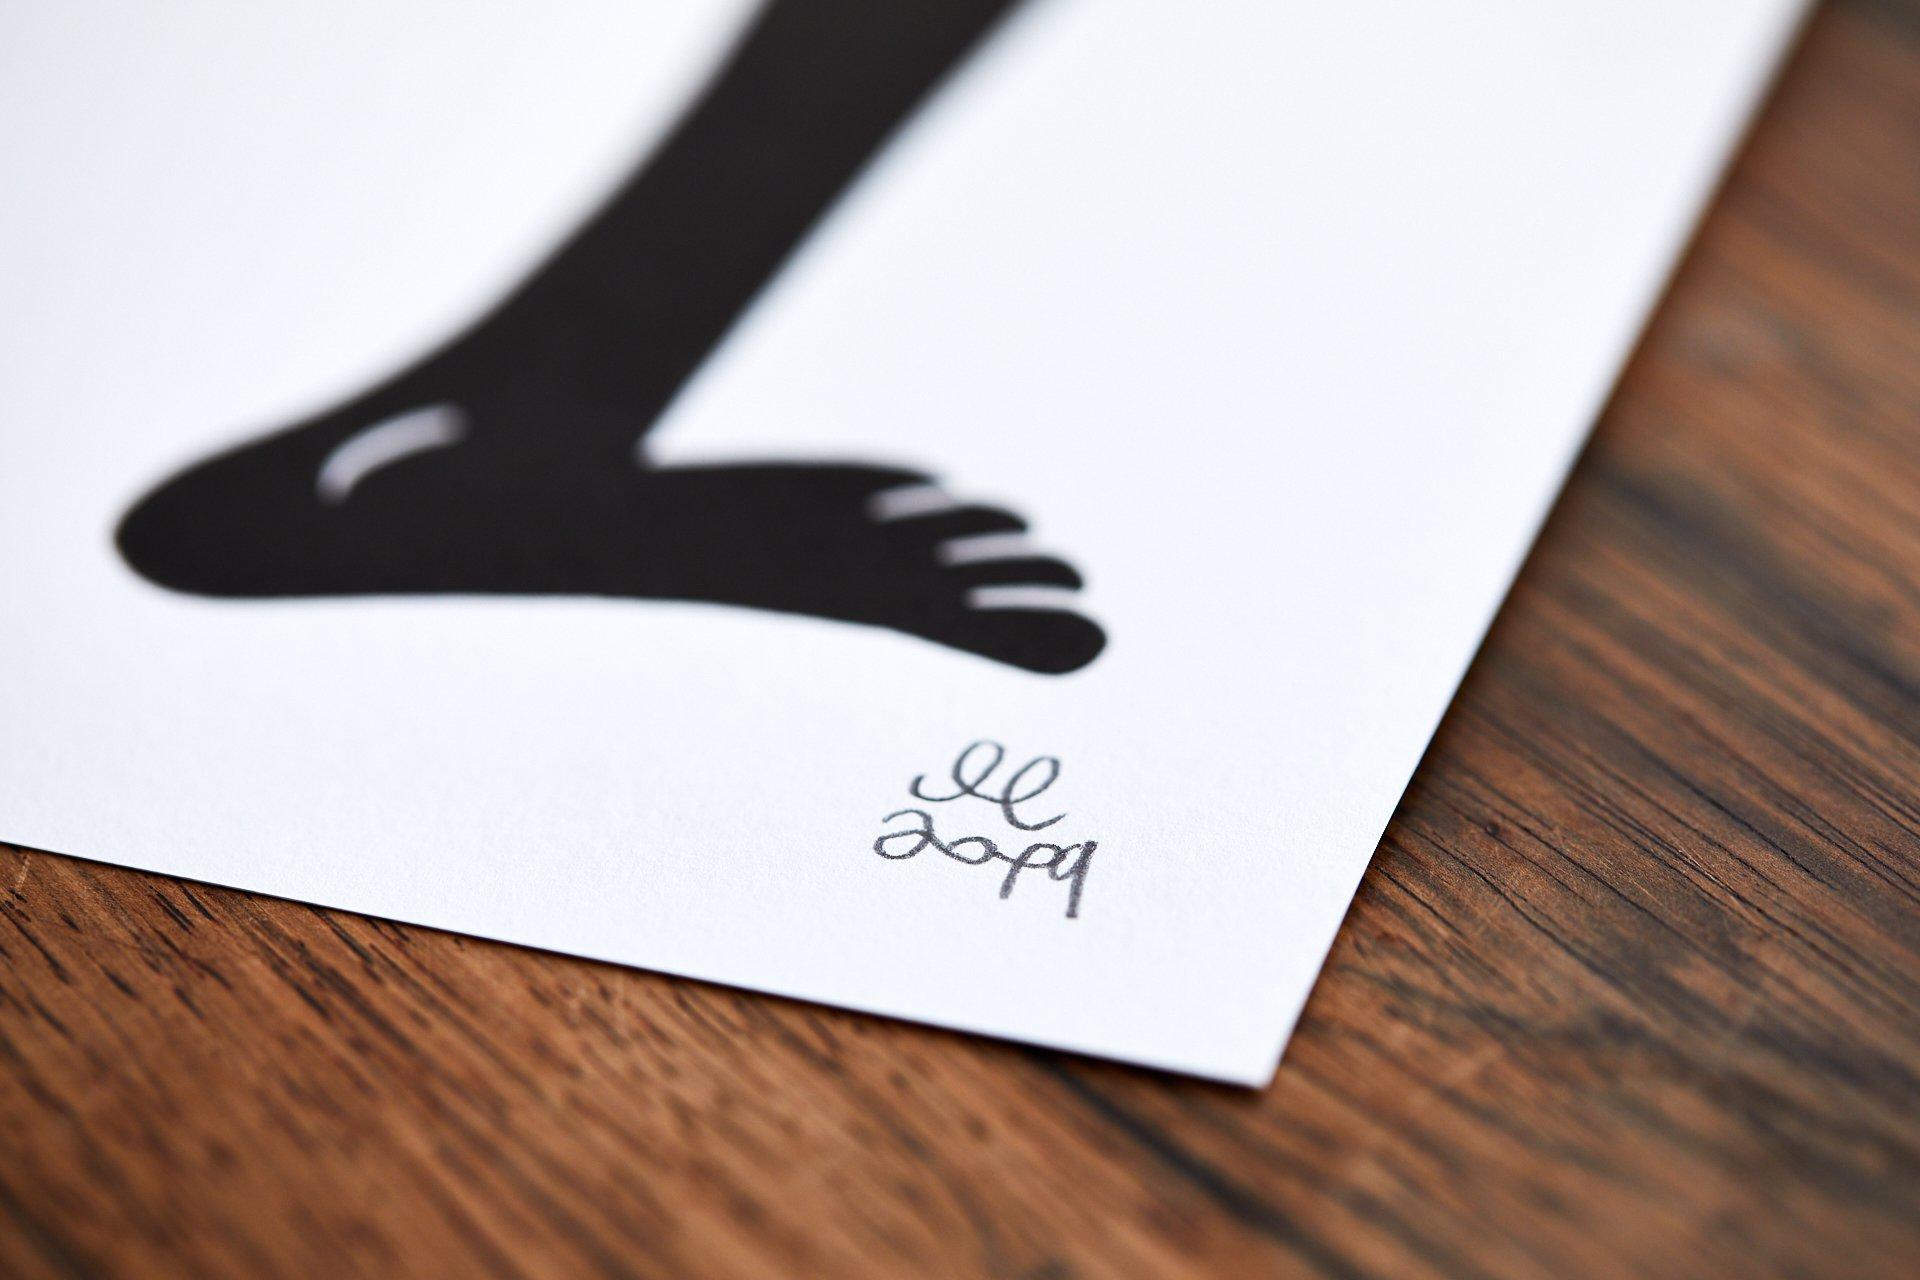 kunsttryk, gicleé, børnevenlige, figurative, grafiske, minimalistiske, monokrome, kroppe, tegneserier, humor, bevægelse, mennesker, sport, sorte, hvide, blæk, papir, sort-hvide, samtidskunst, københavn, dansk, dekorative, design, interiør, bolig-indretning, moderne, moderne-kunst, nordisk, plakater, tryk, skandinavisk, Køb original kunst og kunstplakater. Malerier, tegninger, limited edition kunsttryk & plakater af dygtige kunstnere.